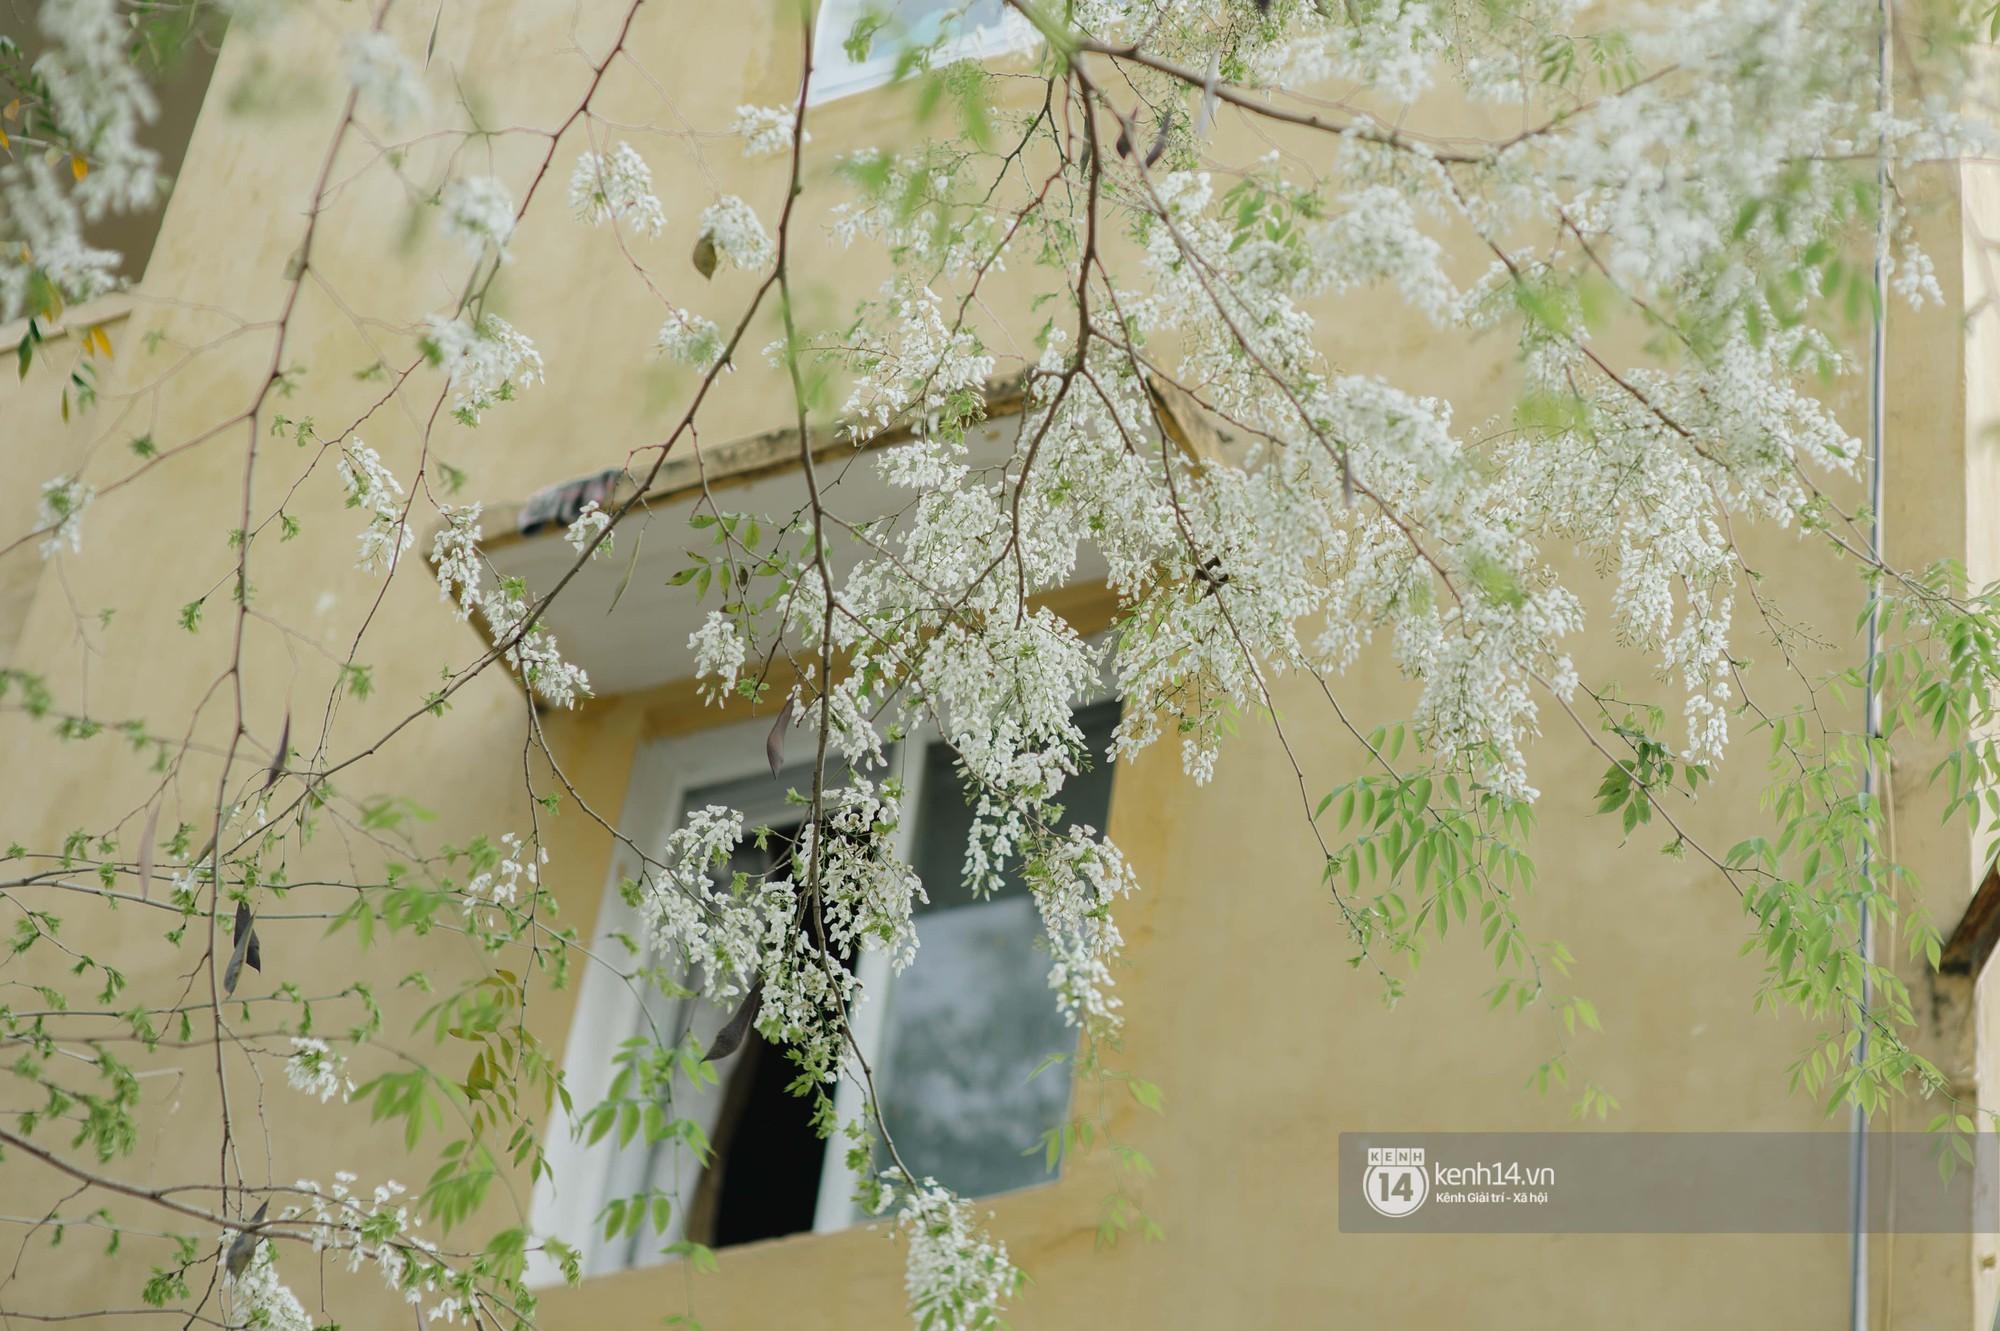 Đây là Hà Nội, của những ngày hoa sưa tinh khôi phủ trắng trời như tuyết - Ảnh 4.